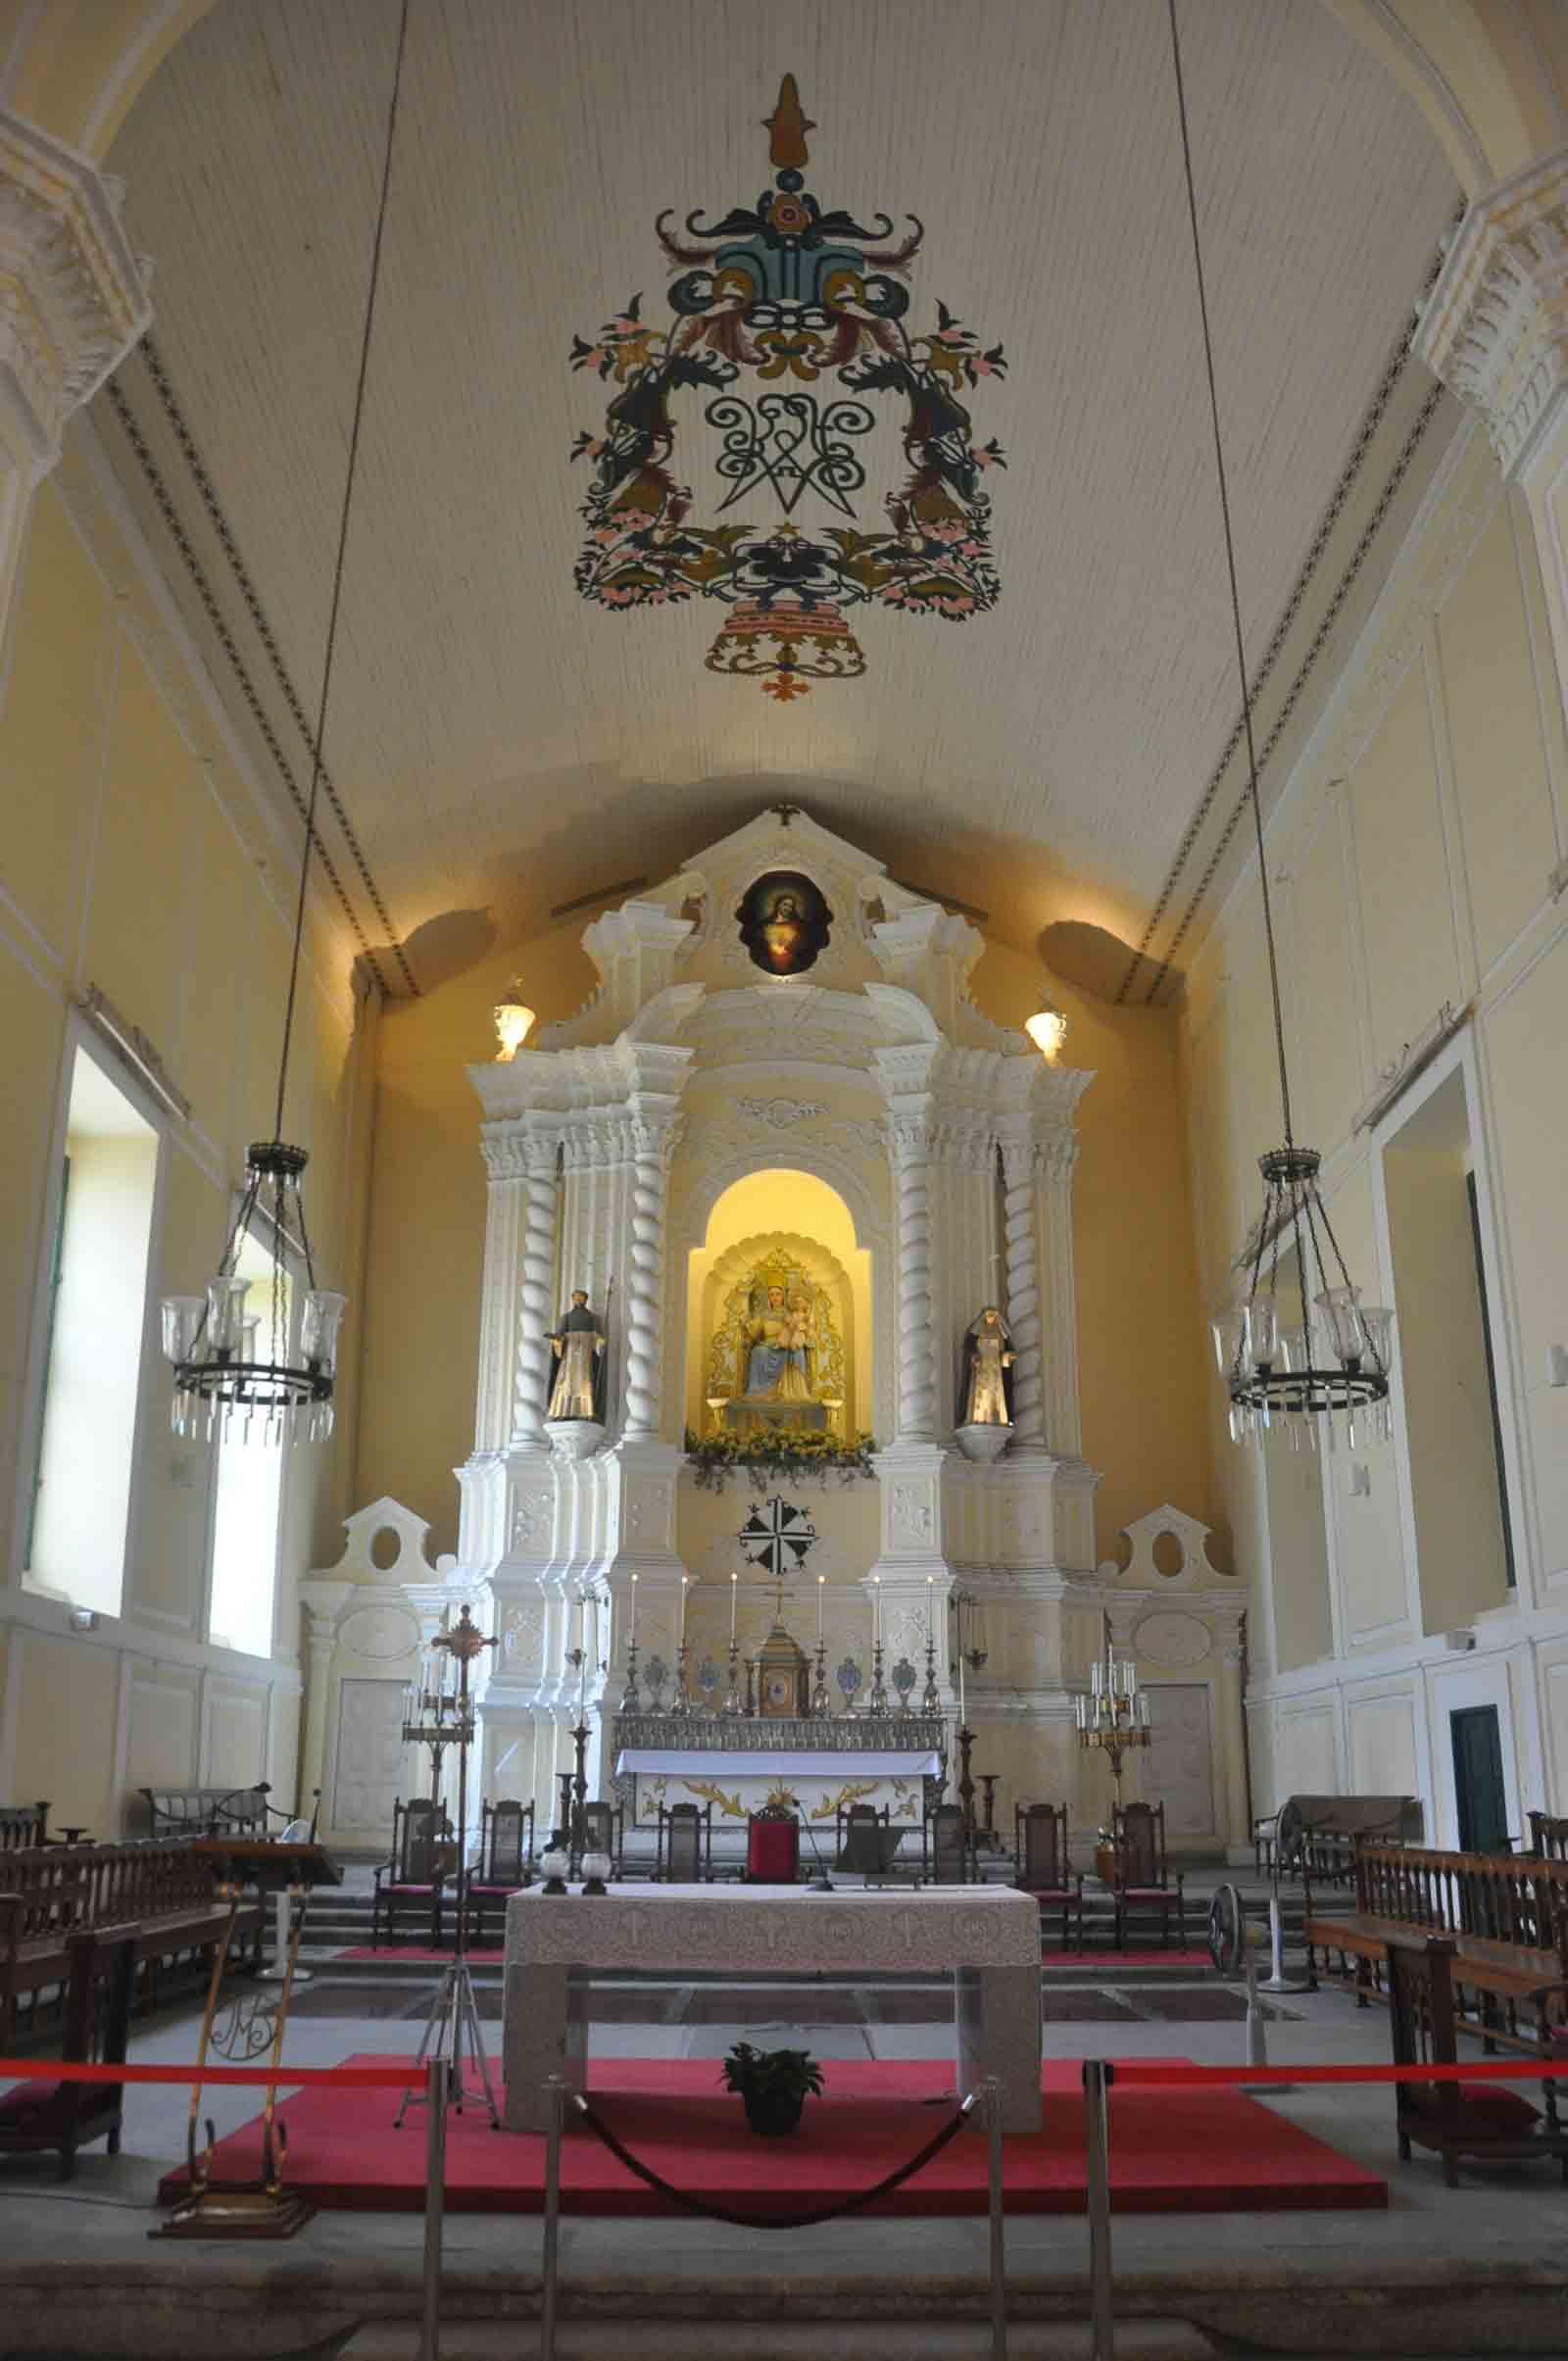 St. Dominic's Church main altar